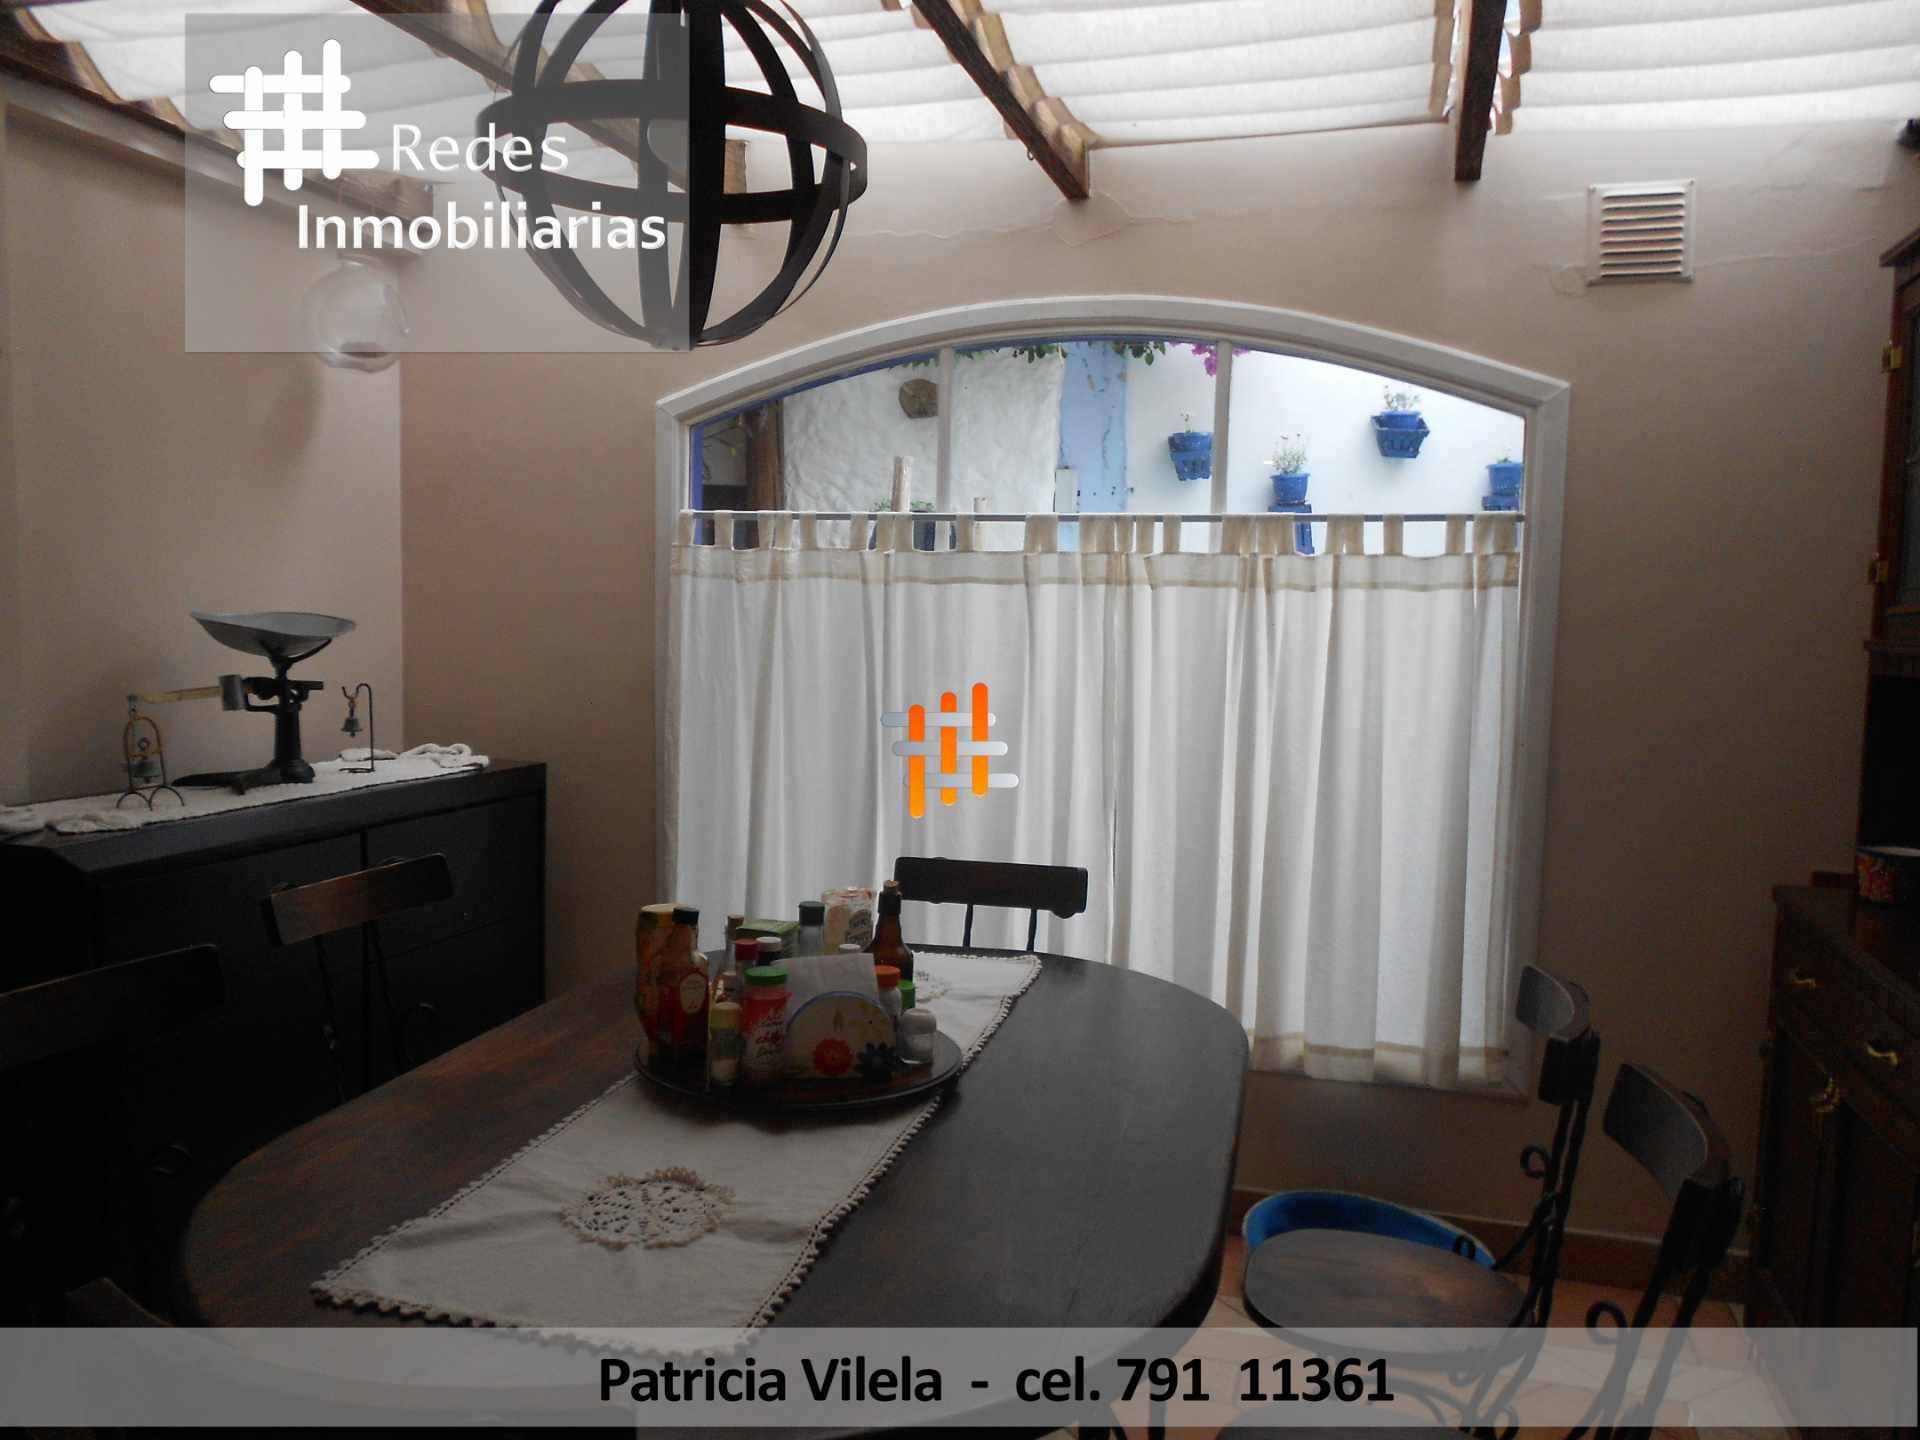 Casa en Venta HERMOSA CASA EN VENTA EN ACHUMANI URBANIZACION PRIVADA UNICA EN SU ESTILO TOTALMENTE AUTENTICA HERMOSA  Foto 7